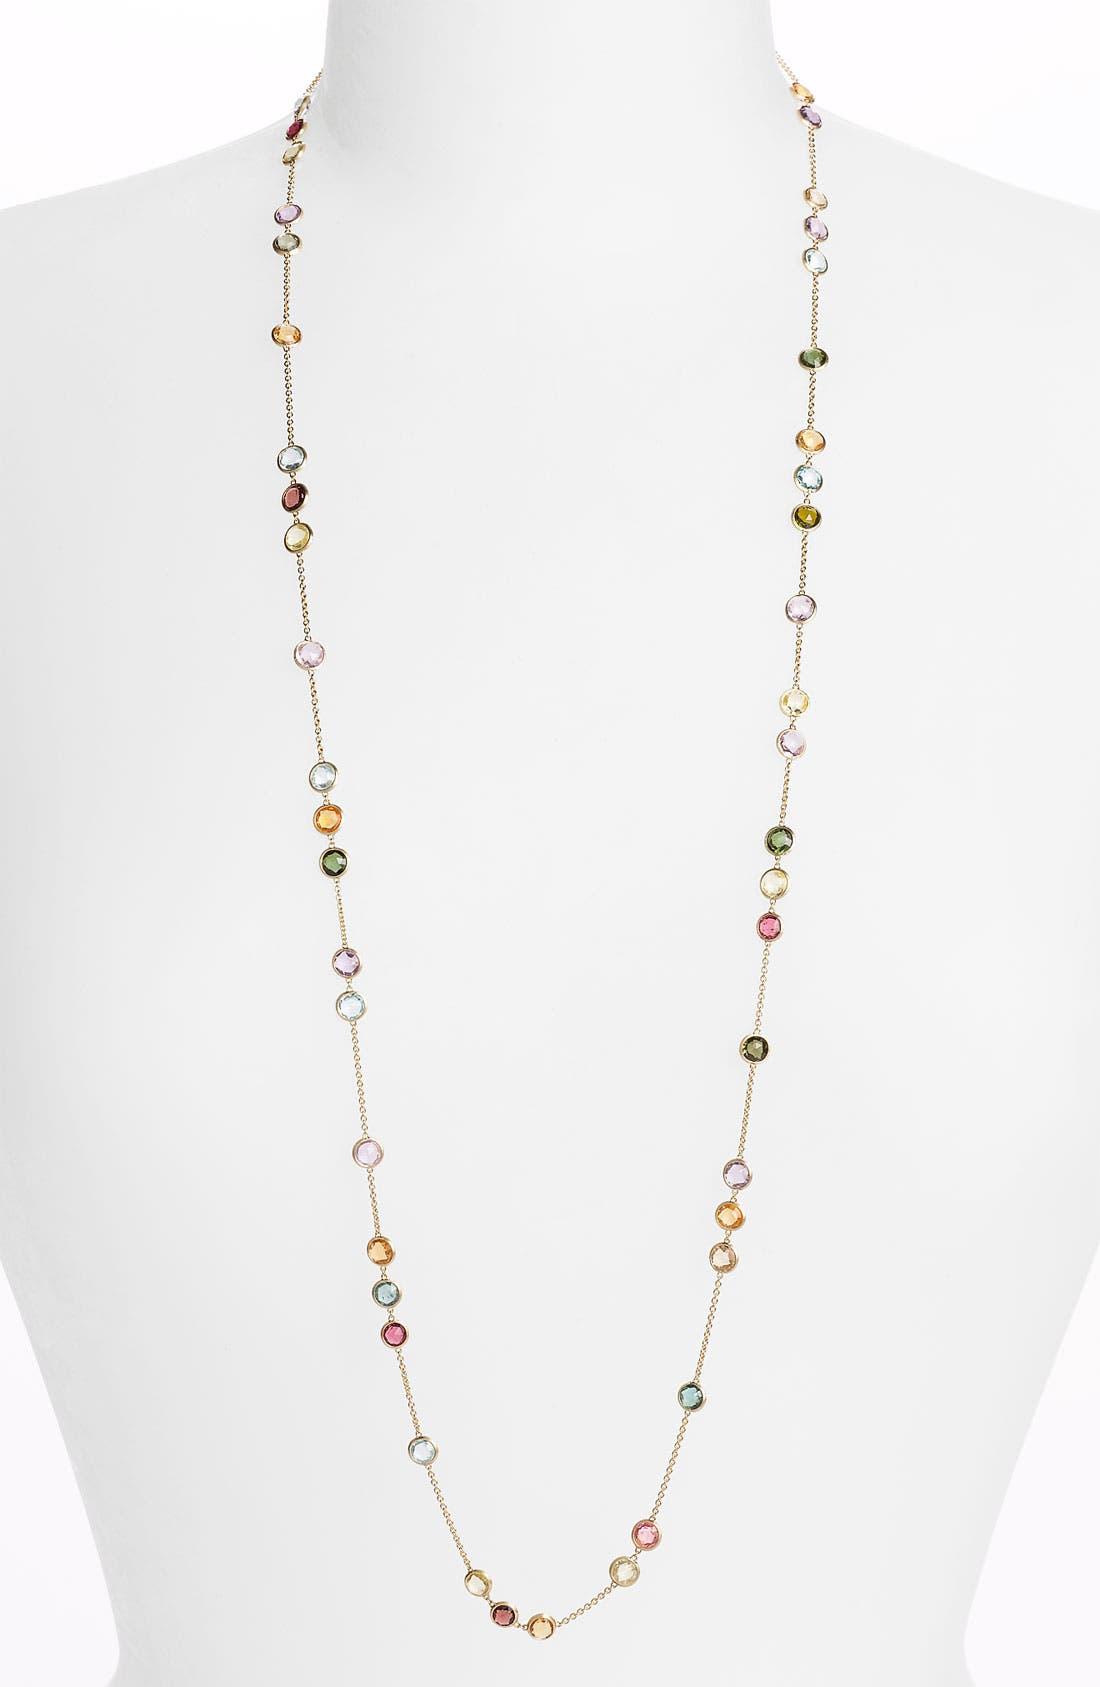 Main Image - Marco Bicego 'Mini Jaipur' Long Station Necklace